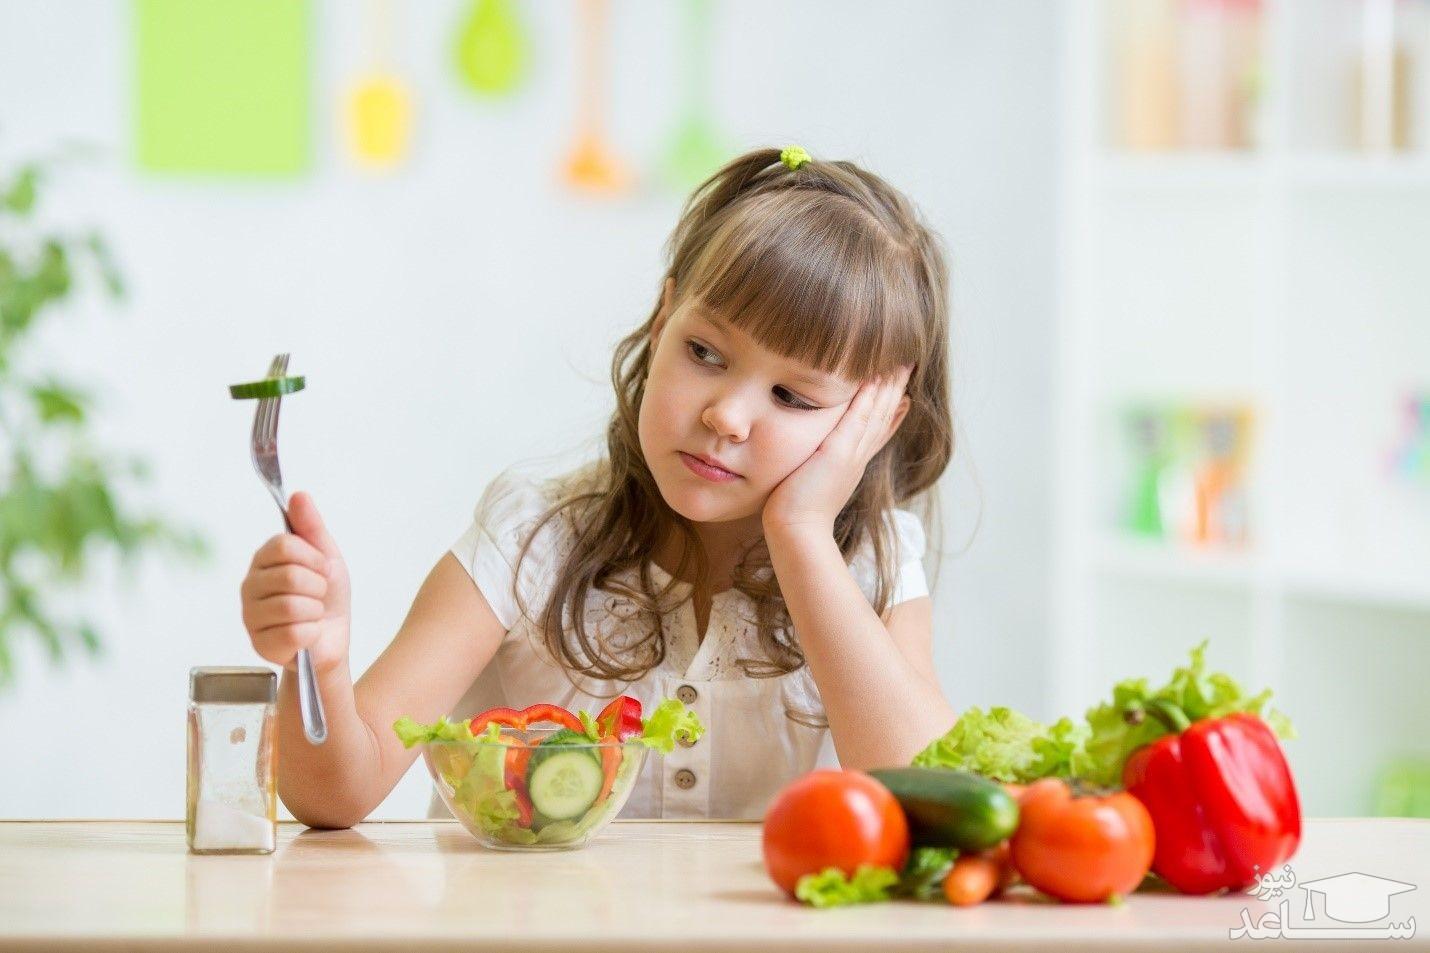 غذاهای مفید برای کودکان بیش فعال (ای دی اچ دی)